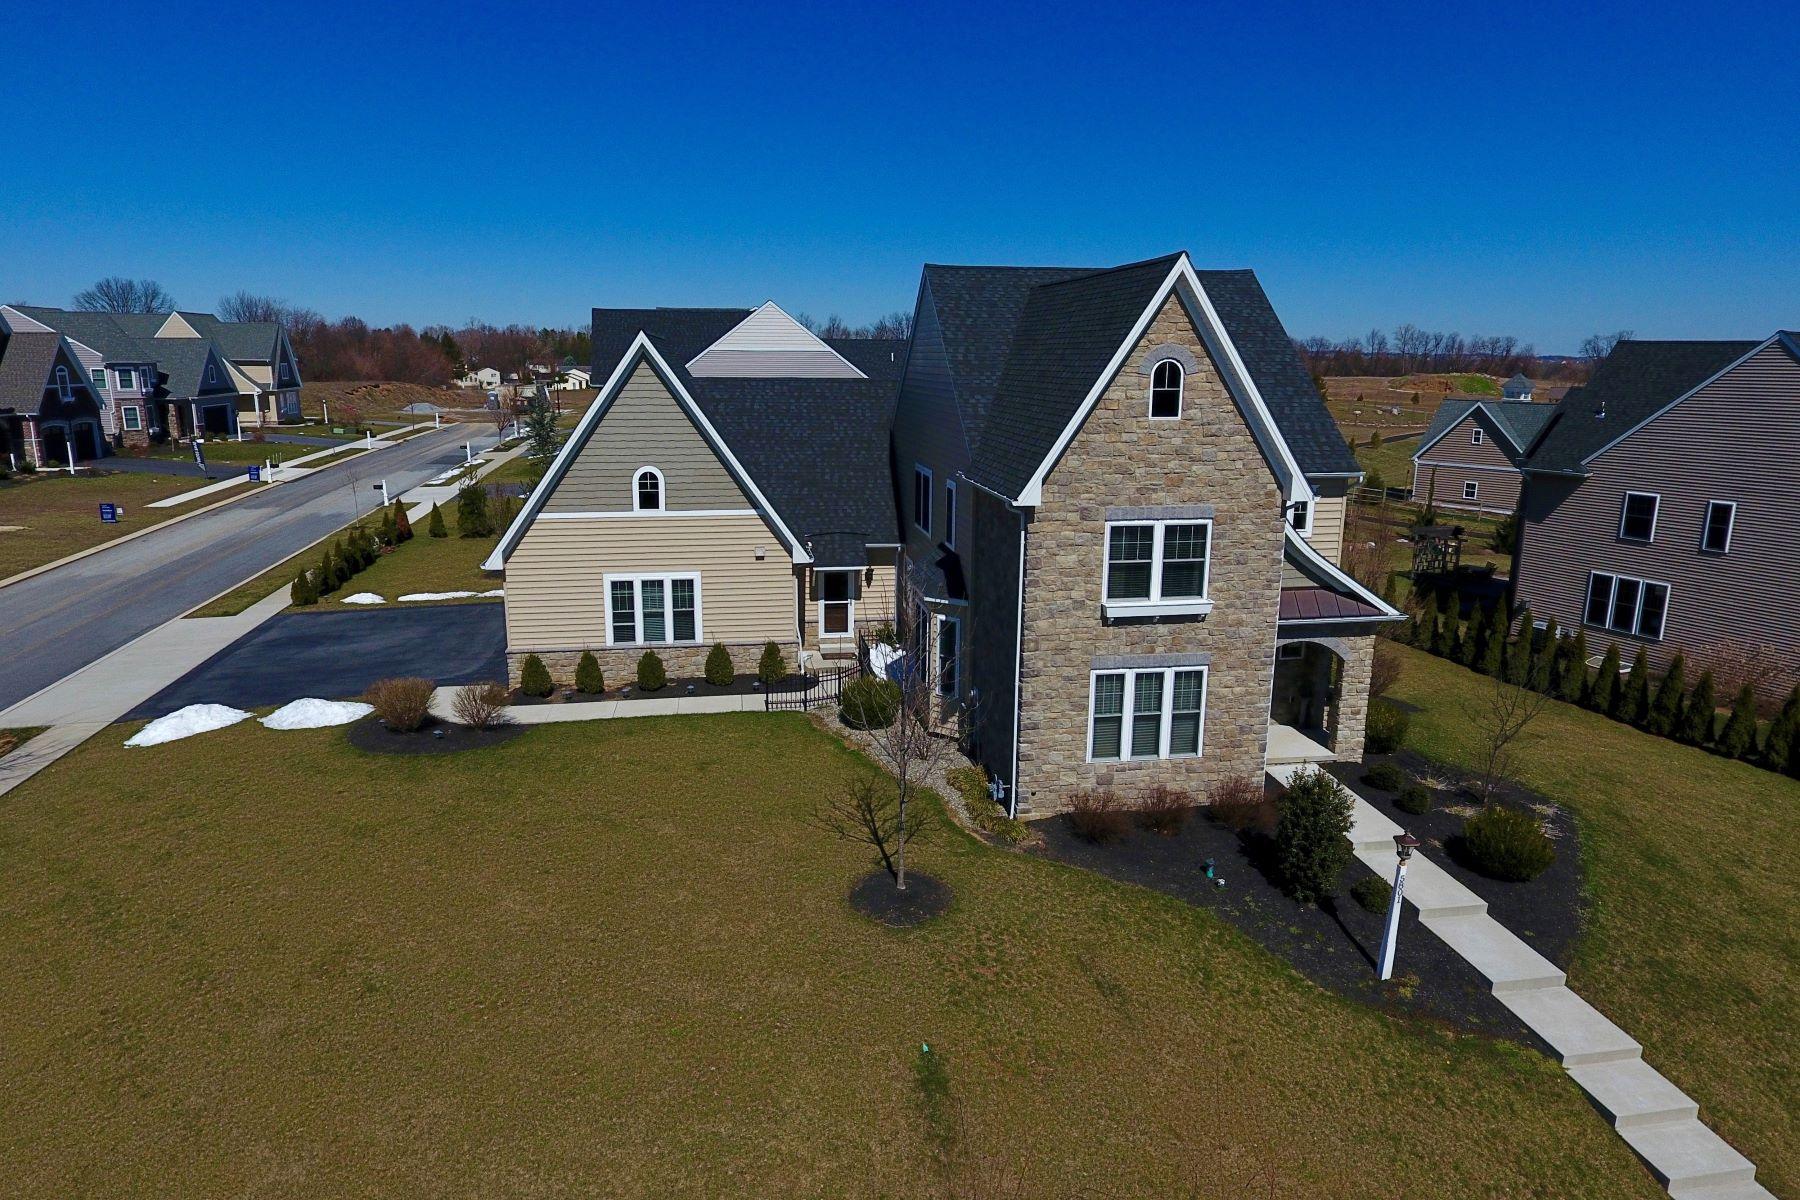 独户住宅 为 销售 在 5801 Wild Lilac Drive 东彼得堡, 宾夕法尼亚州 17520 美国